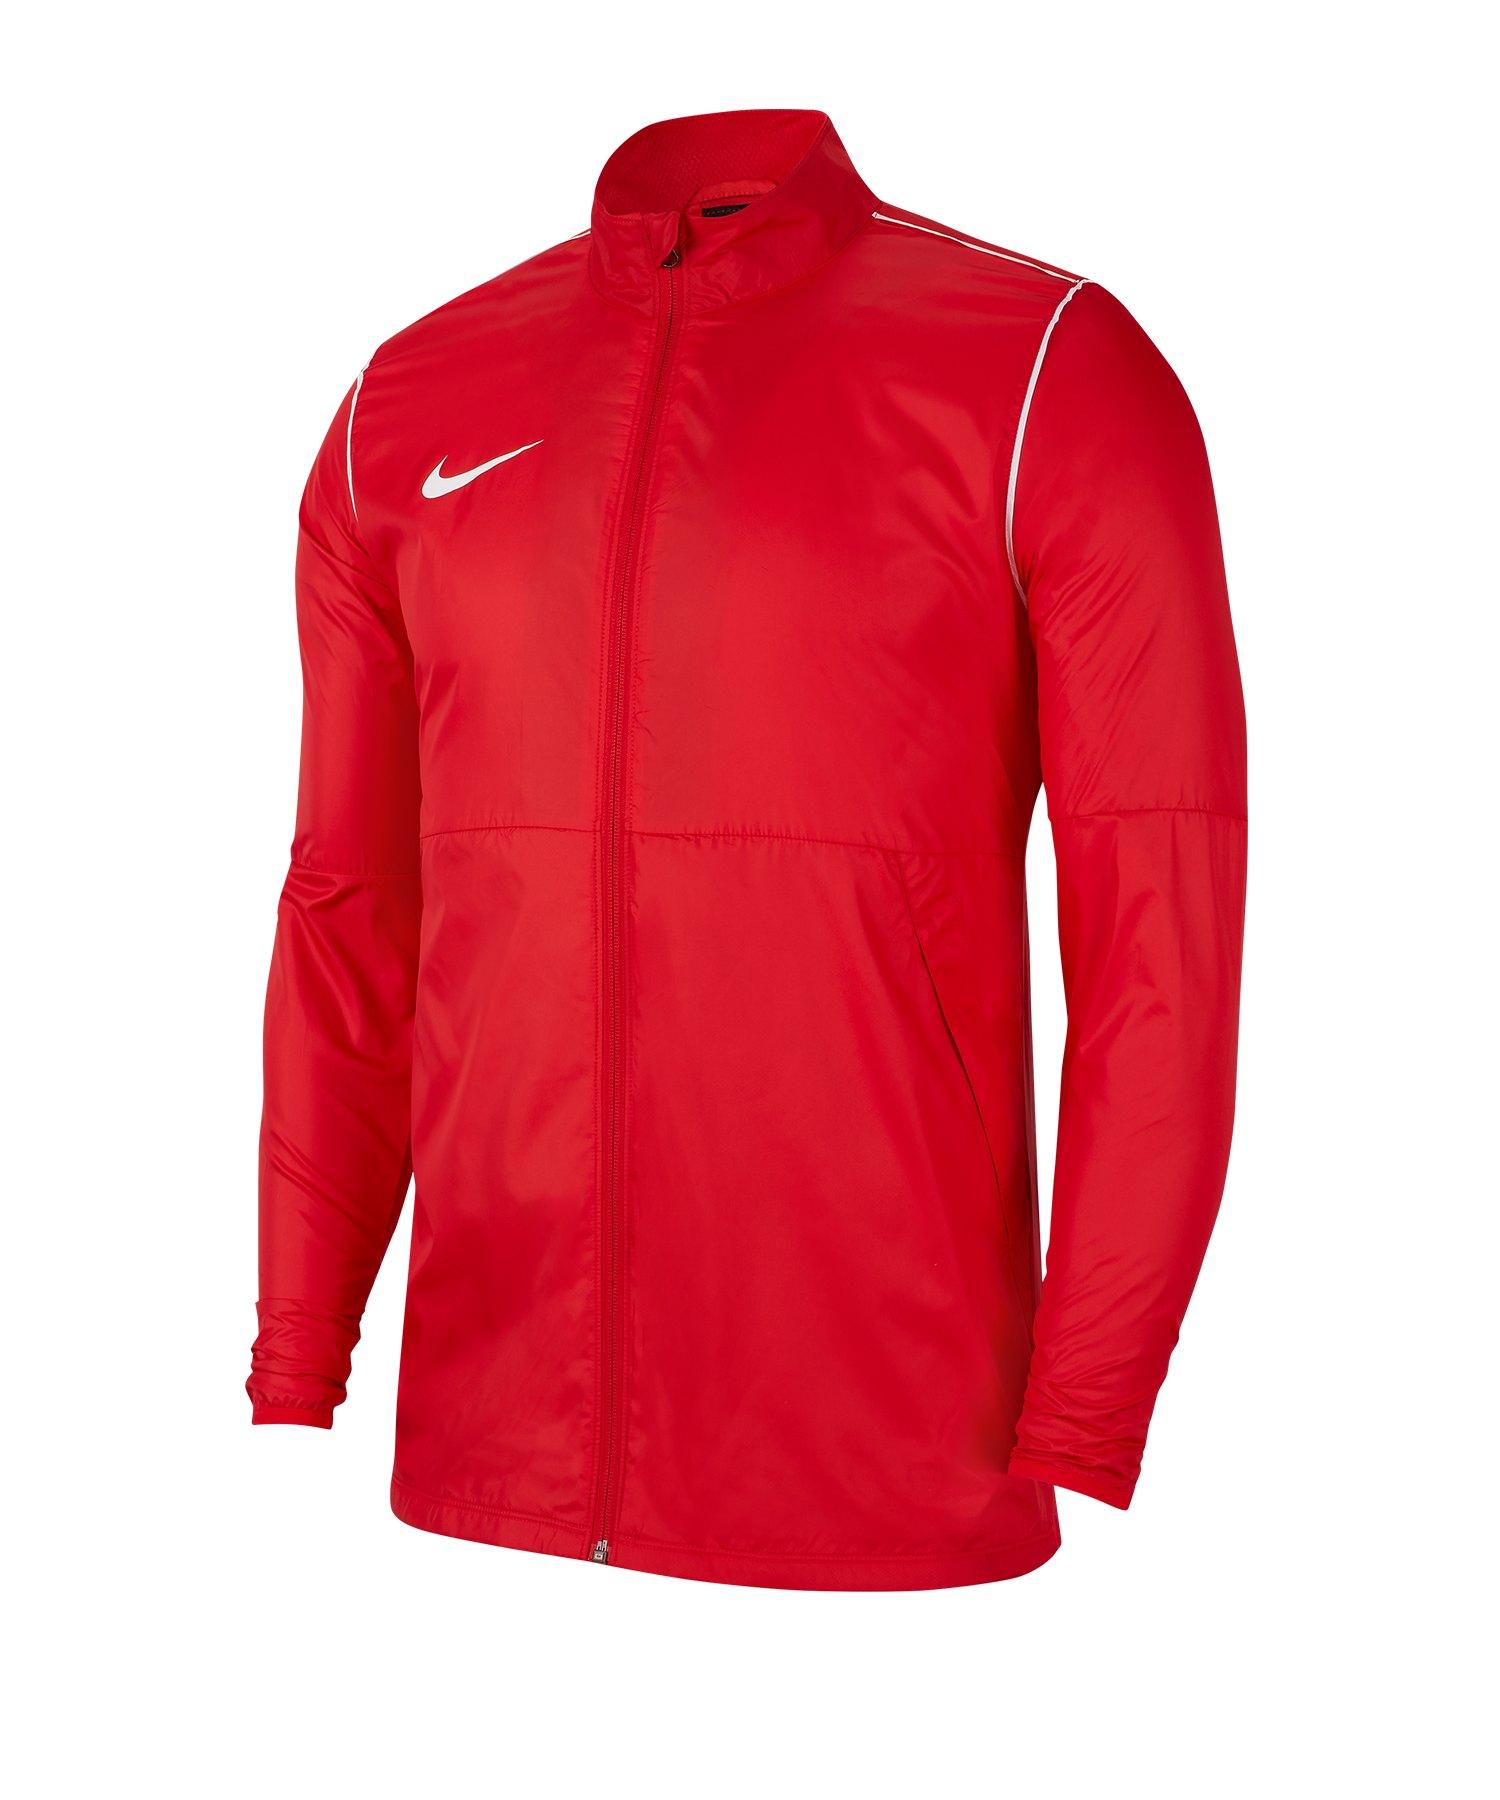 Original weiße Nike Jacke | Nike jacke, Regenjacke, Jacken